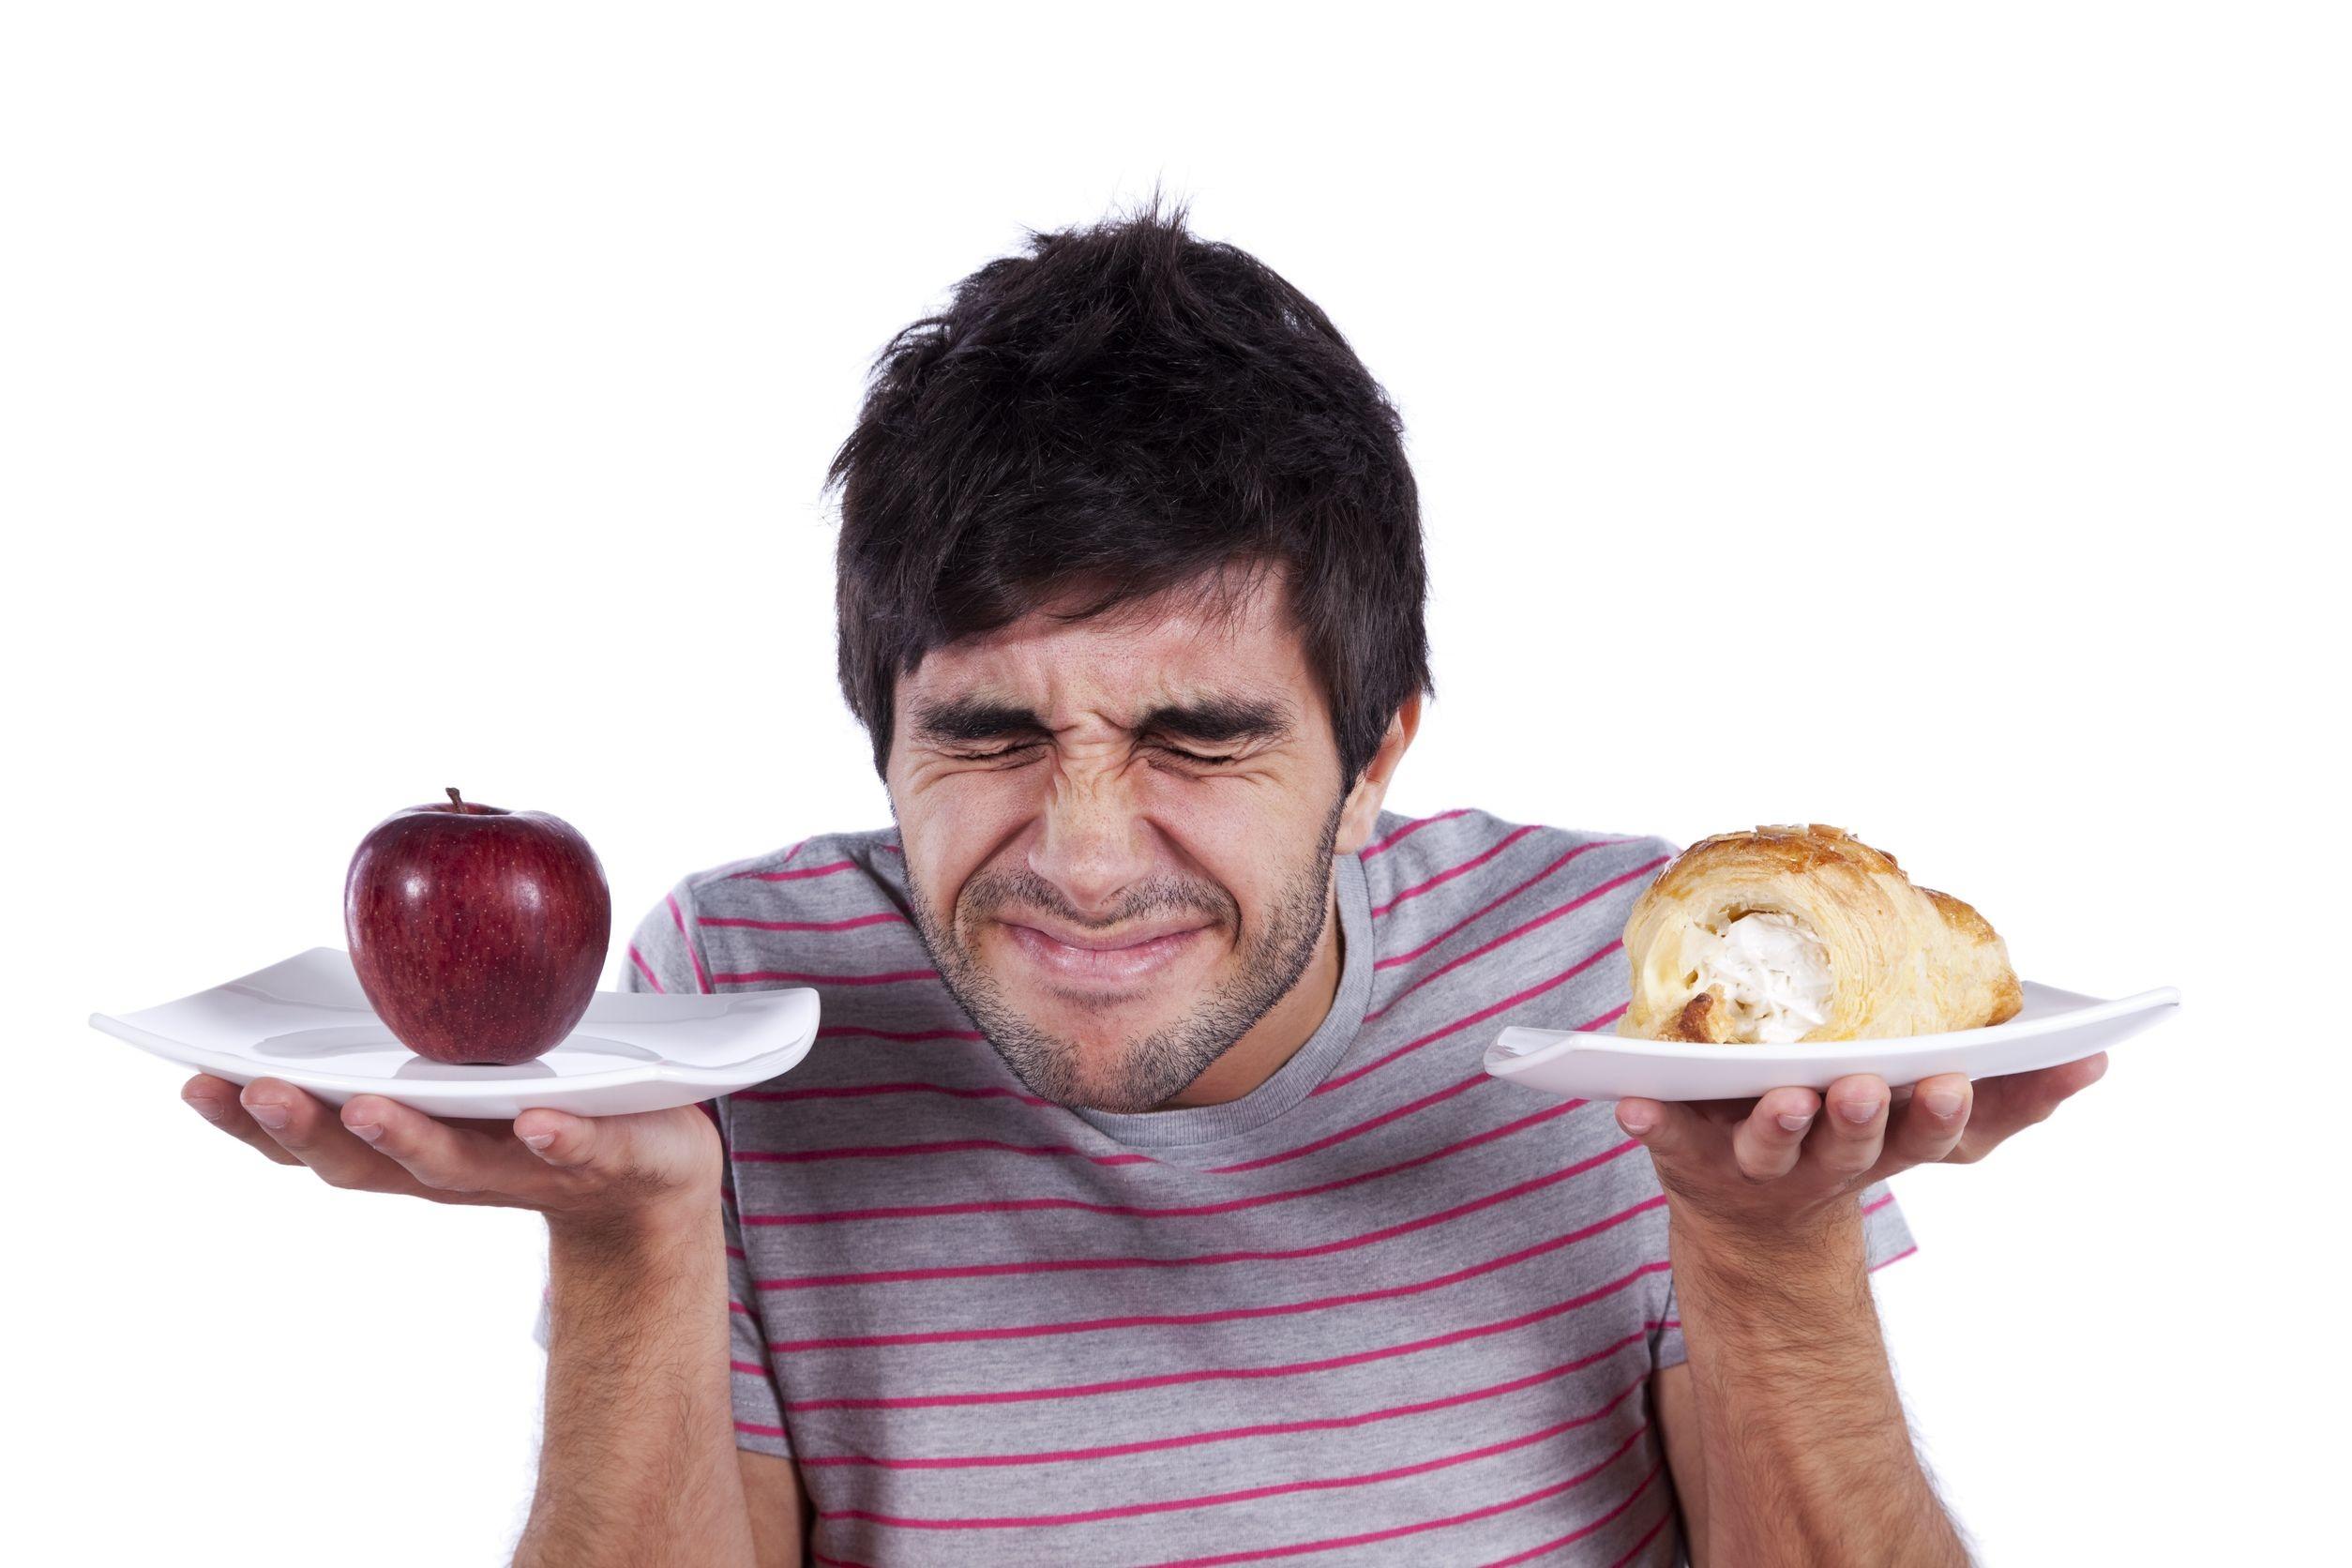 Ученые: Питание мужчин влияет наздоровье ихбудущих детей